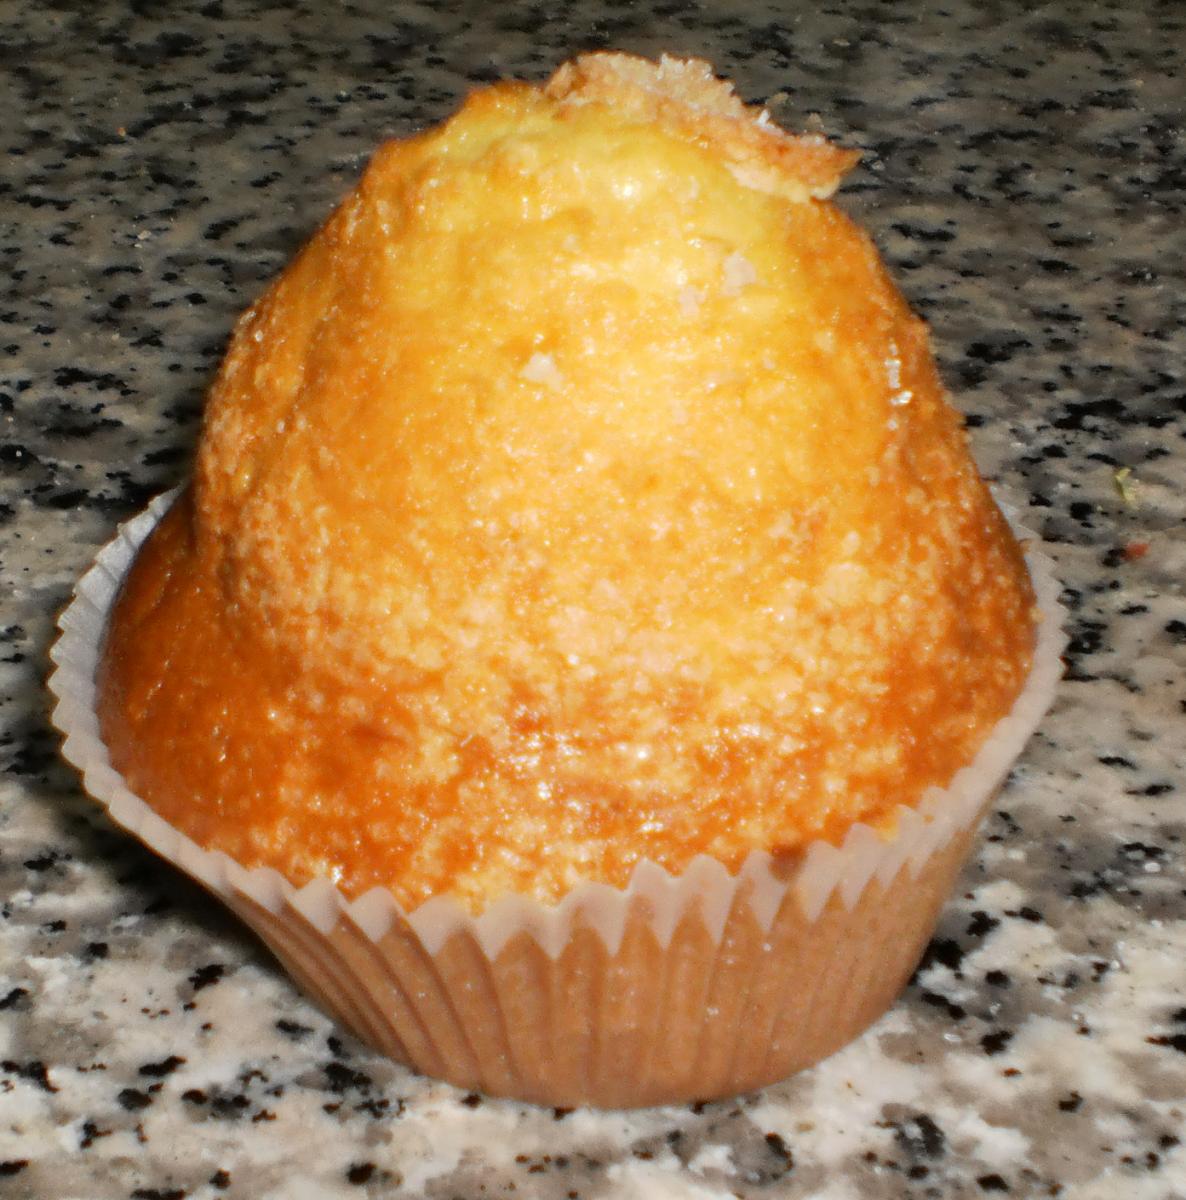 A magdalena cupcake